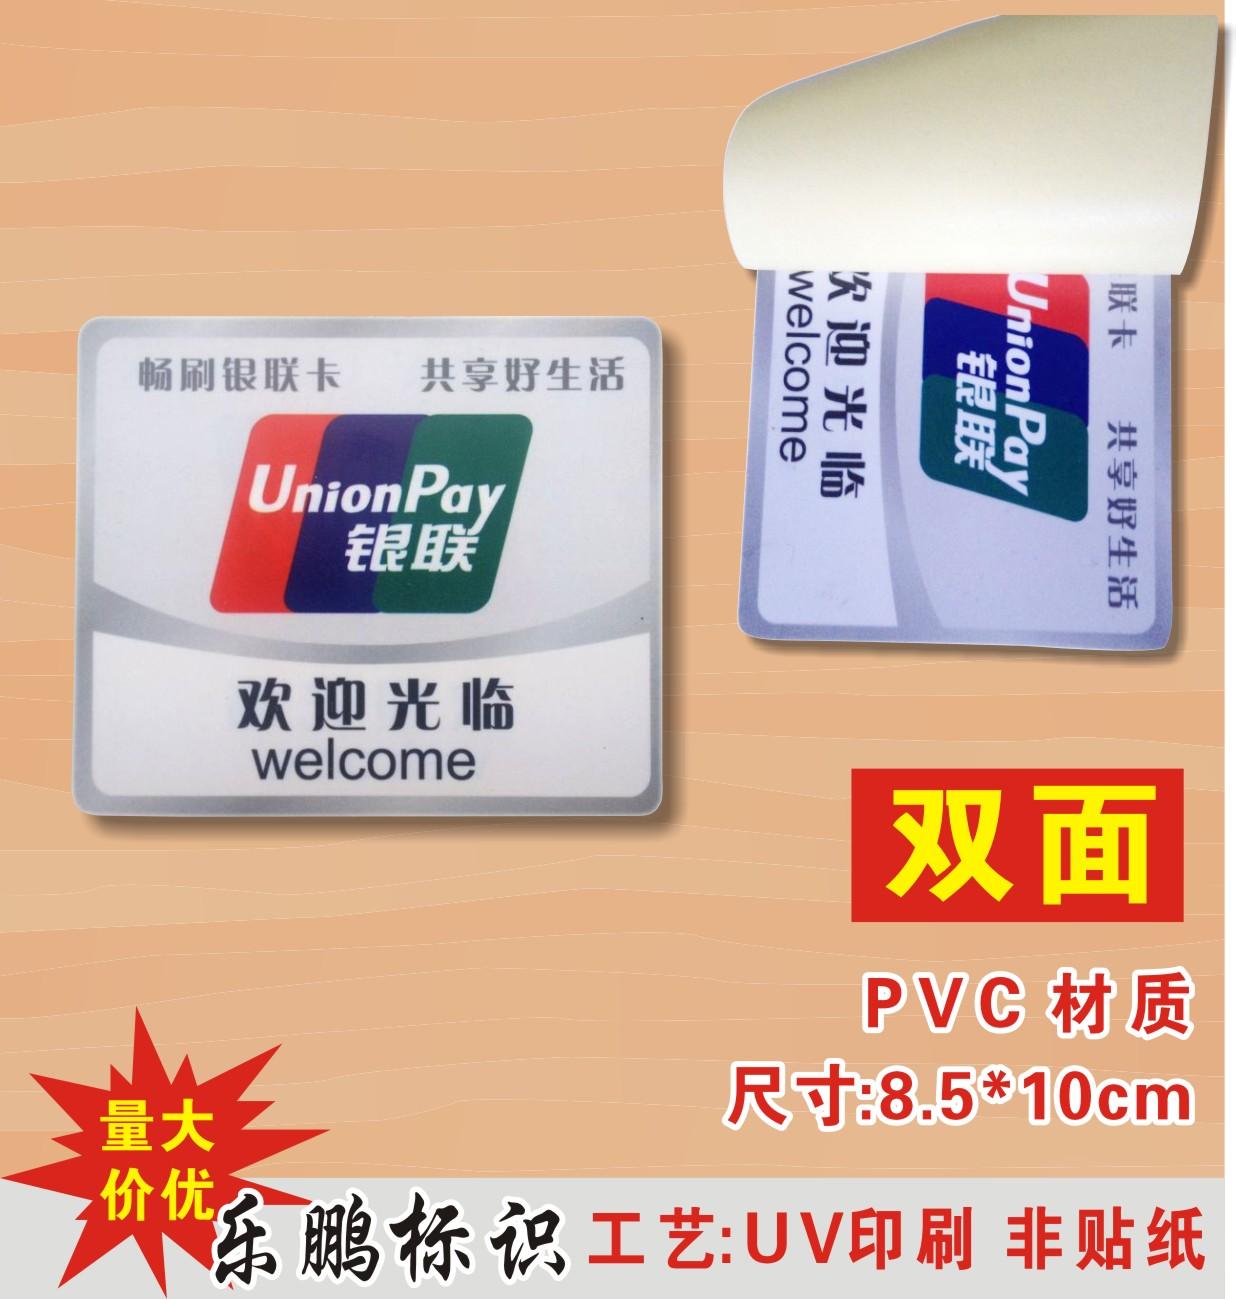 新款正品双面银联门贴欢迎光临标贴牌刷卡玻璃标志提示标识标志牌商品